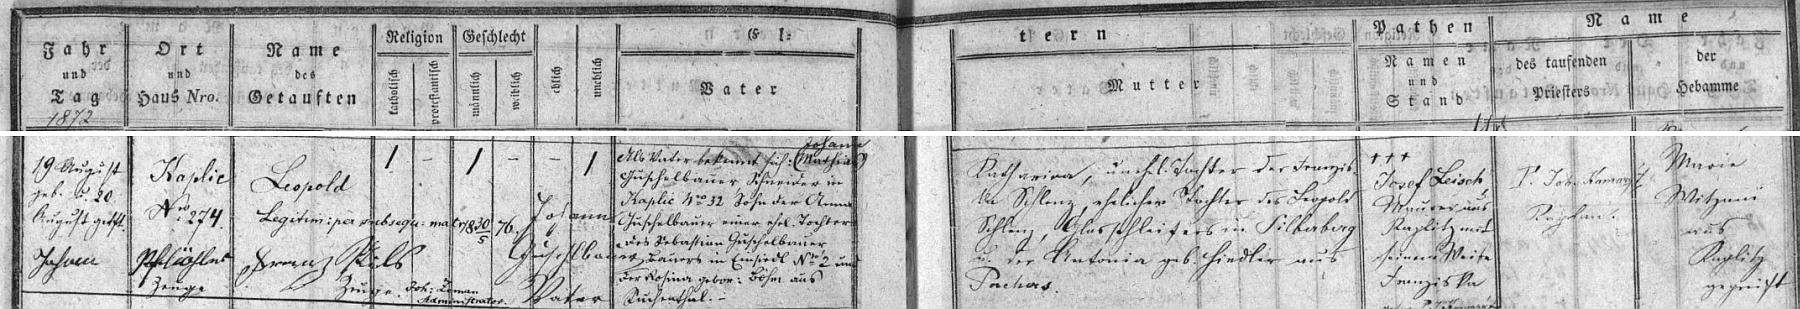 Záznam kaplické křestní matriky o jeho narození